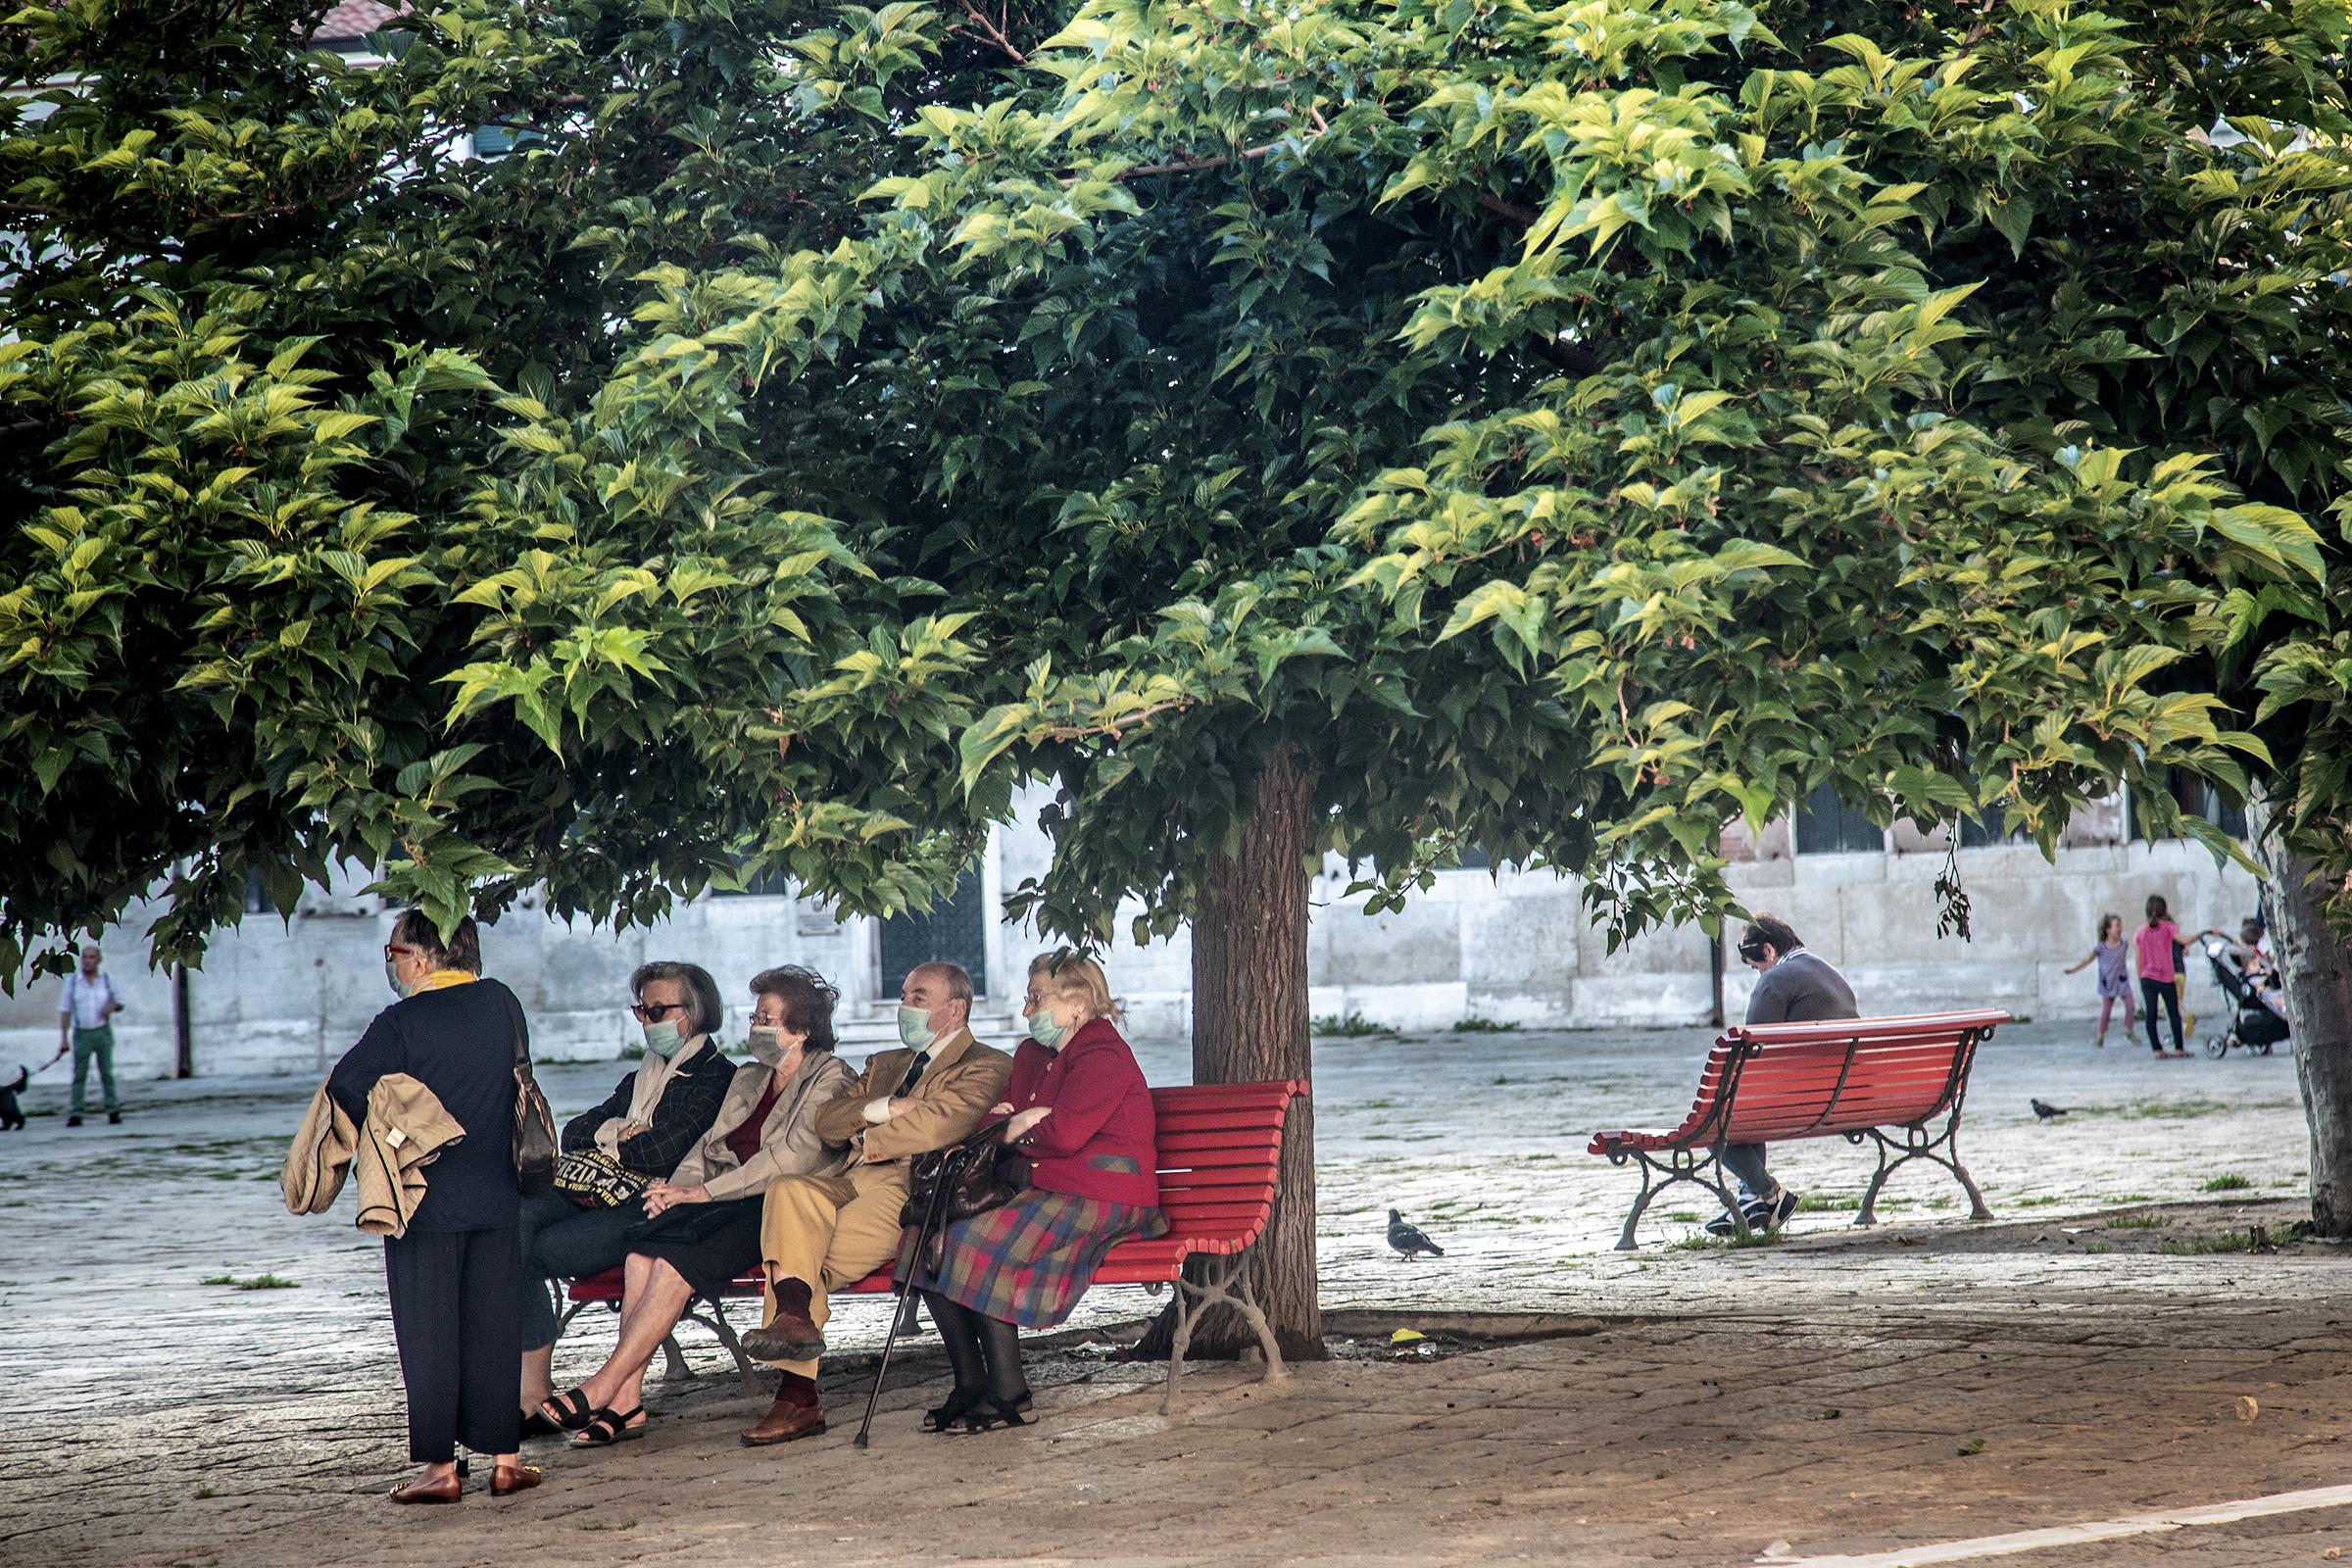 Et Venezia tomt for turister er et underlig syn i en by som på det meste kan ha opp til 300 000 besøkende på en dag. Men i den svale lufta under trekronene på torget kan i det minste de lokale endelig møte hverandre igjen.